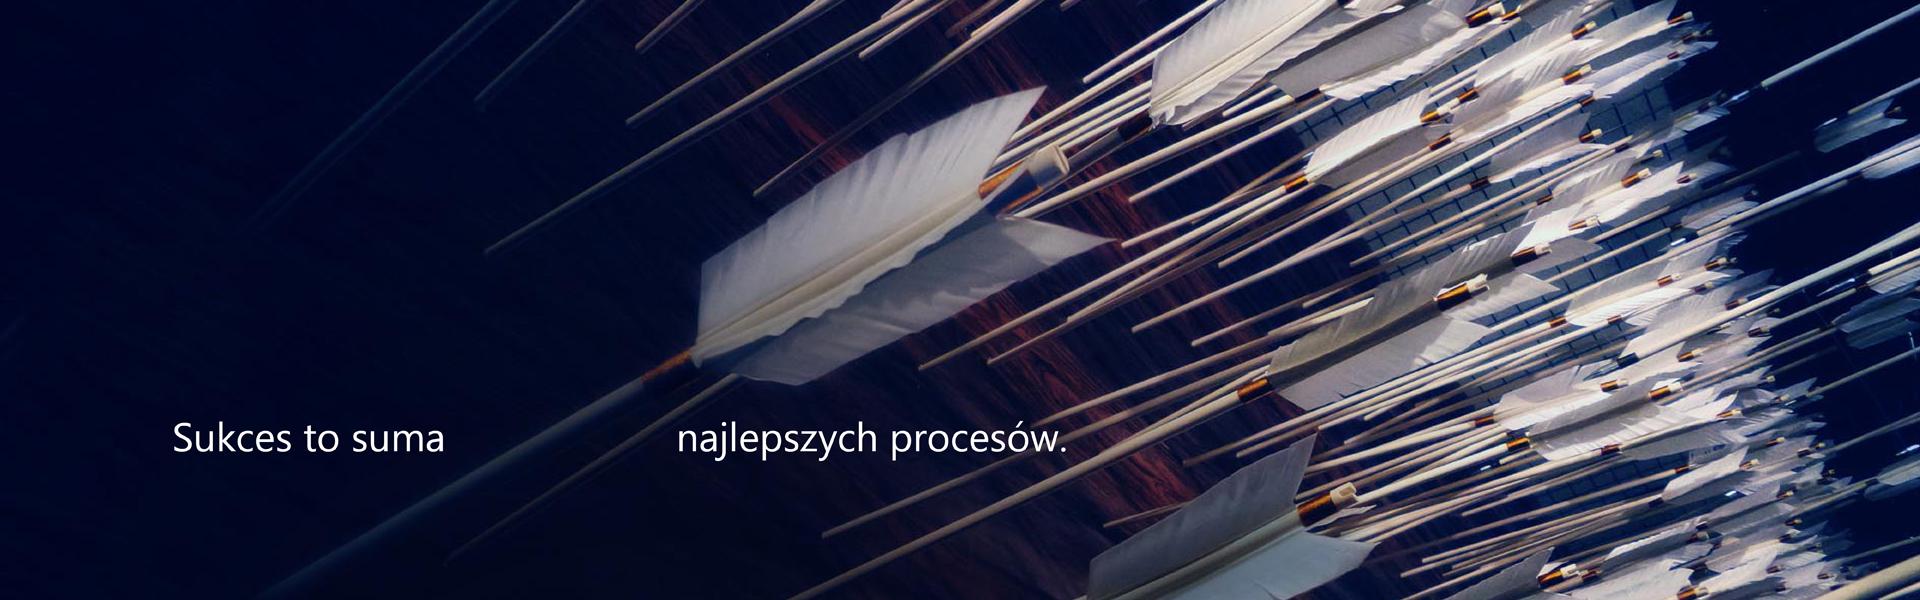 Wdrożenie systemu ERP w przedsiębiorstwach